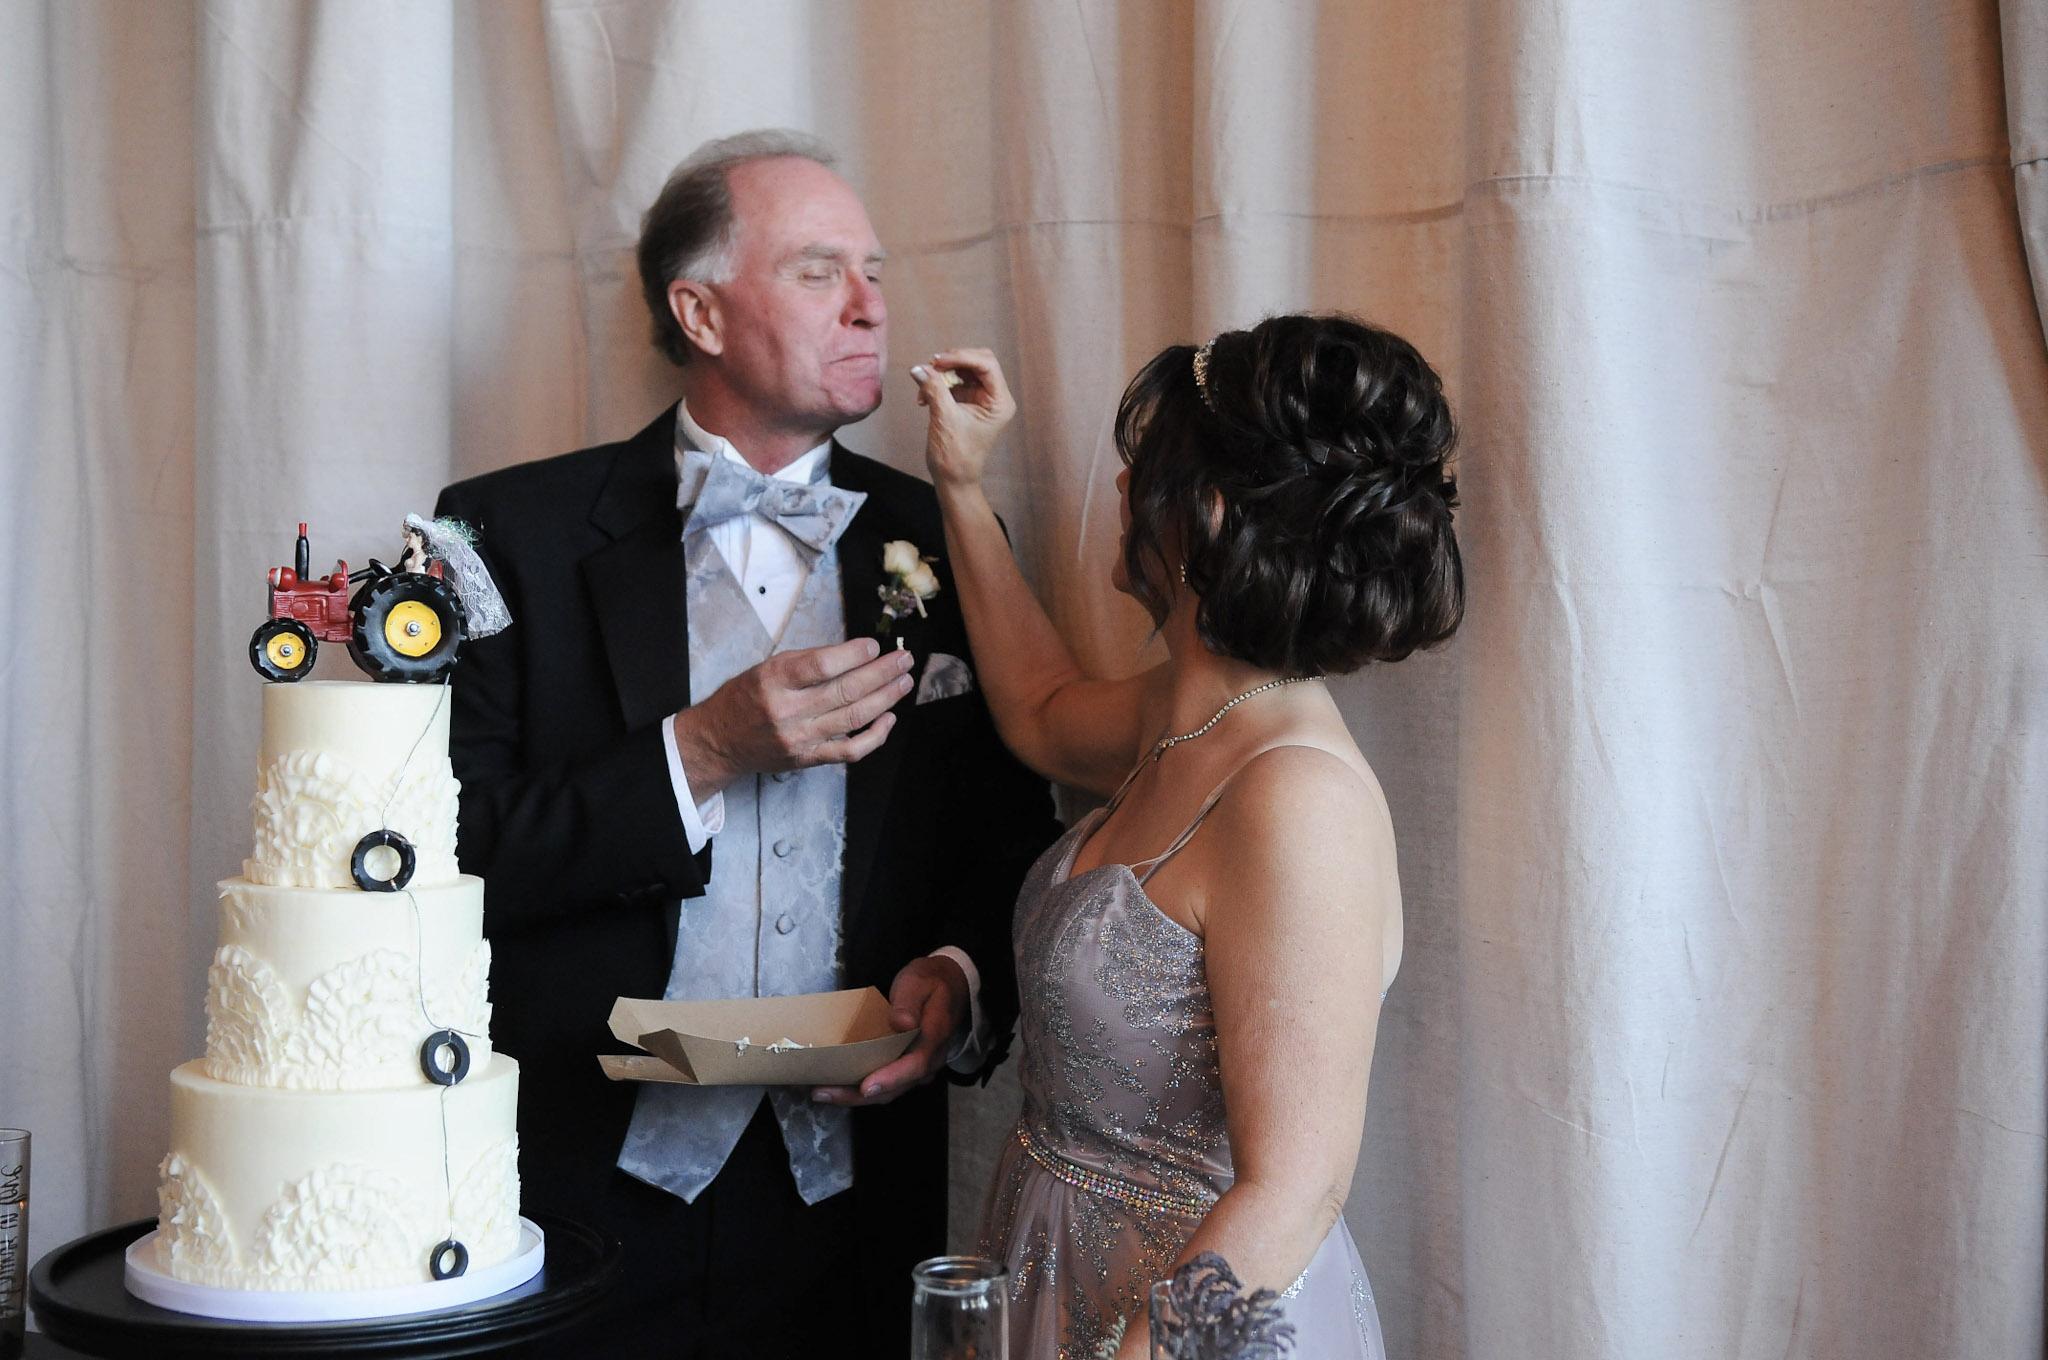 Kansas_City_Intimate_Small_Budget_Wedding_Venue_IMG_3087.jpg